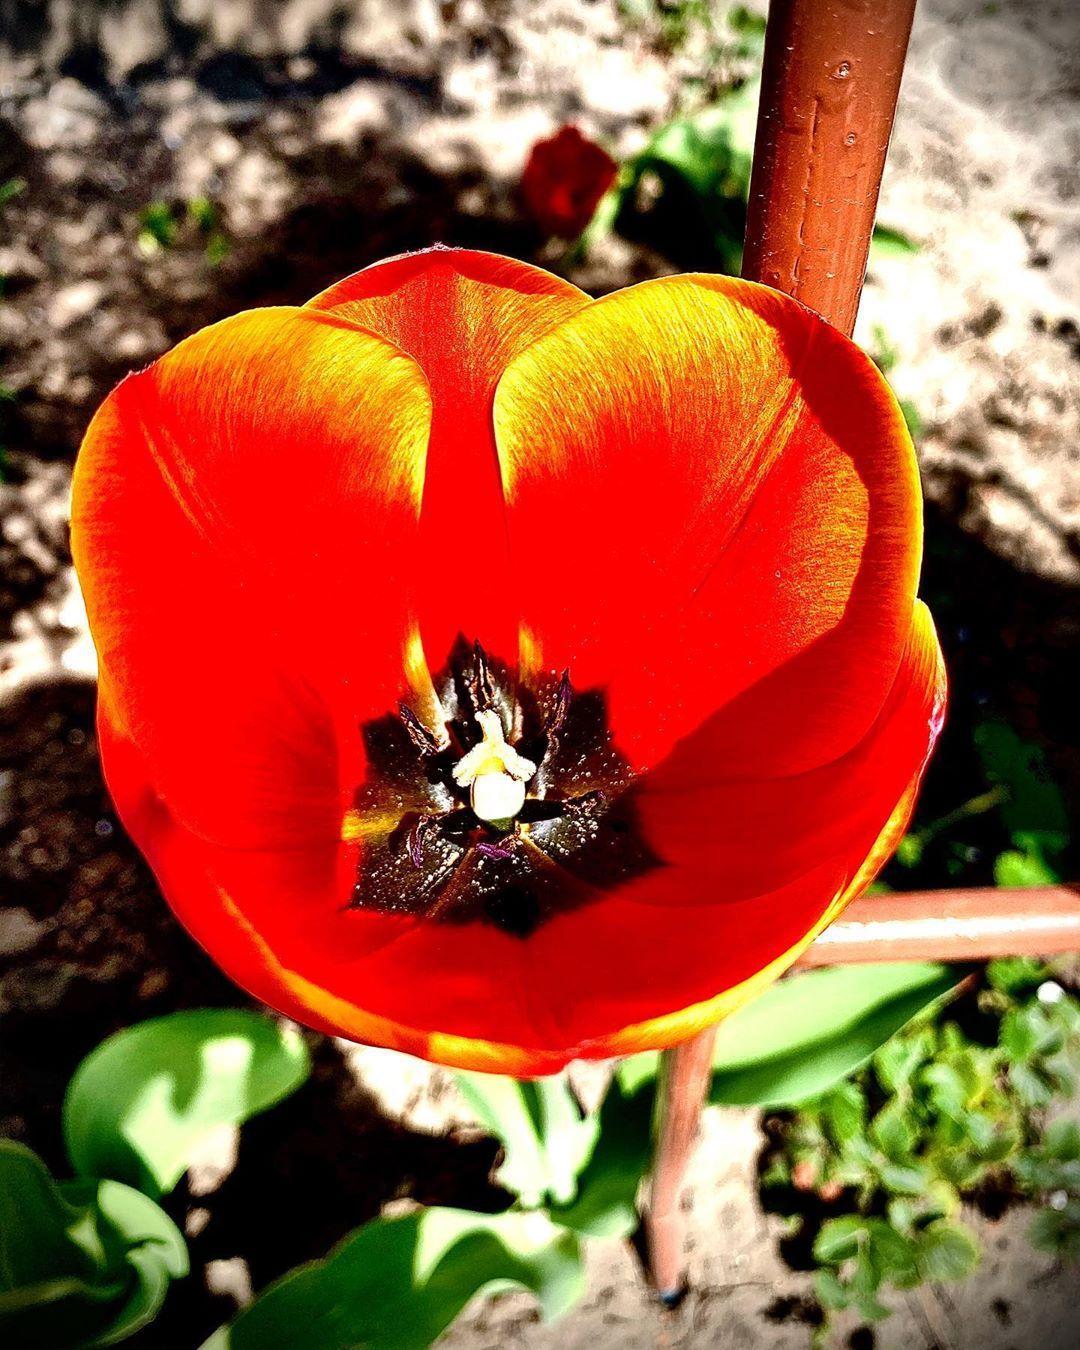 #tulips #тюльпаны #photo #picture #kiev #nature #фото #природа #небо #ночь #солнце #ярко #лето #kiev #украина #ukraine #киевднеминочью #dj #style #color #life #photographer #house #deep #music #рассвет #закат #киев #люблюфотографировать #iphone11 #nightlife